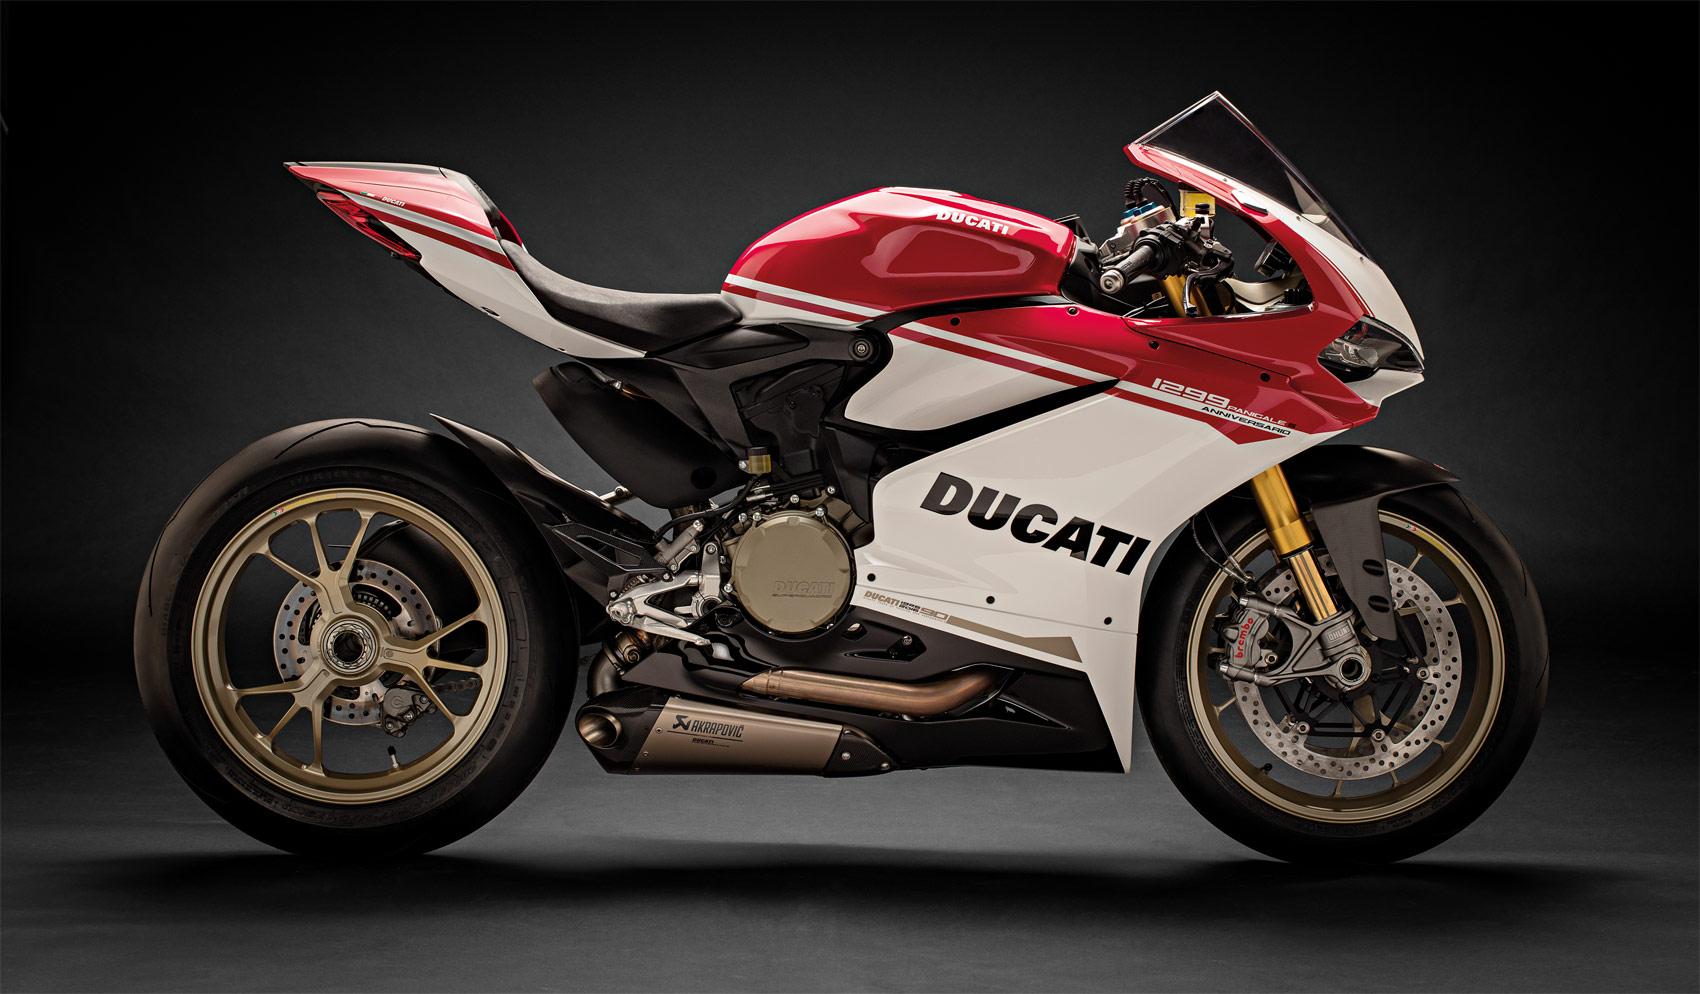 The Limited Edition Ducati 1299 Panigale S Anniversario